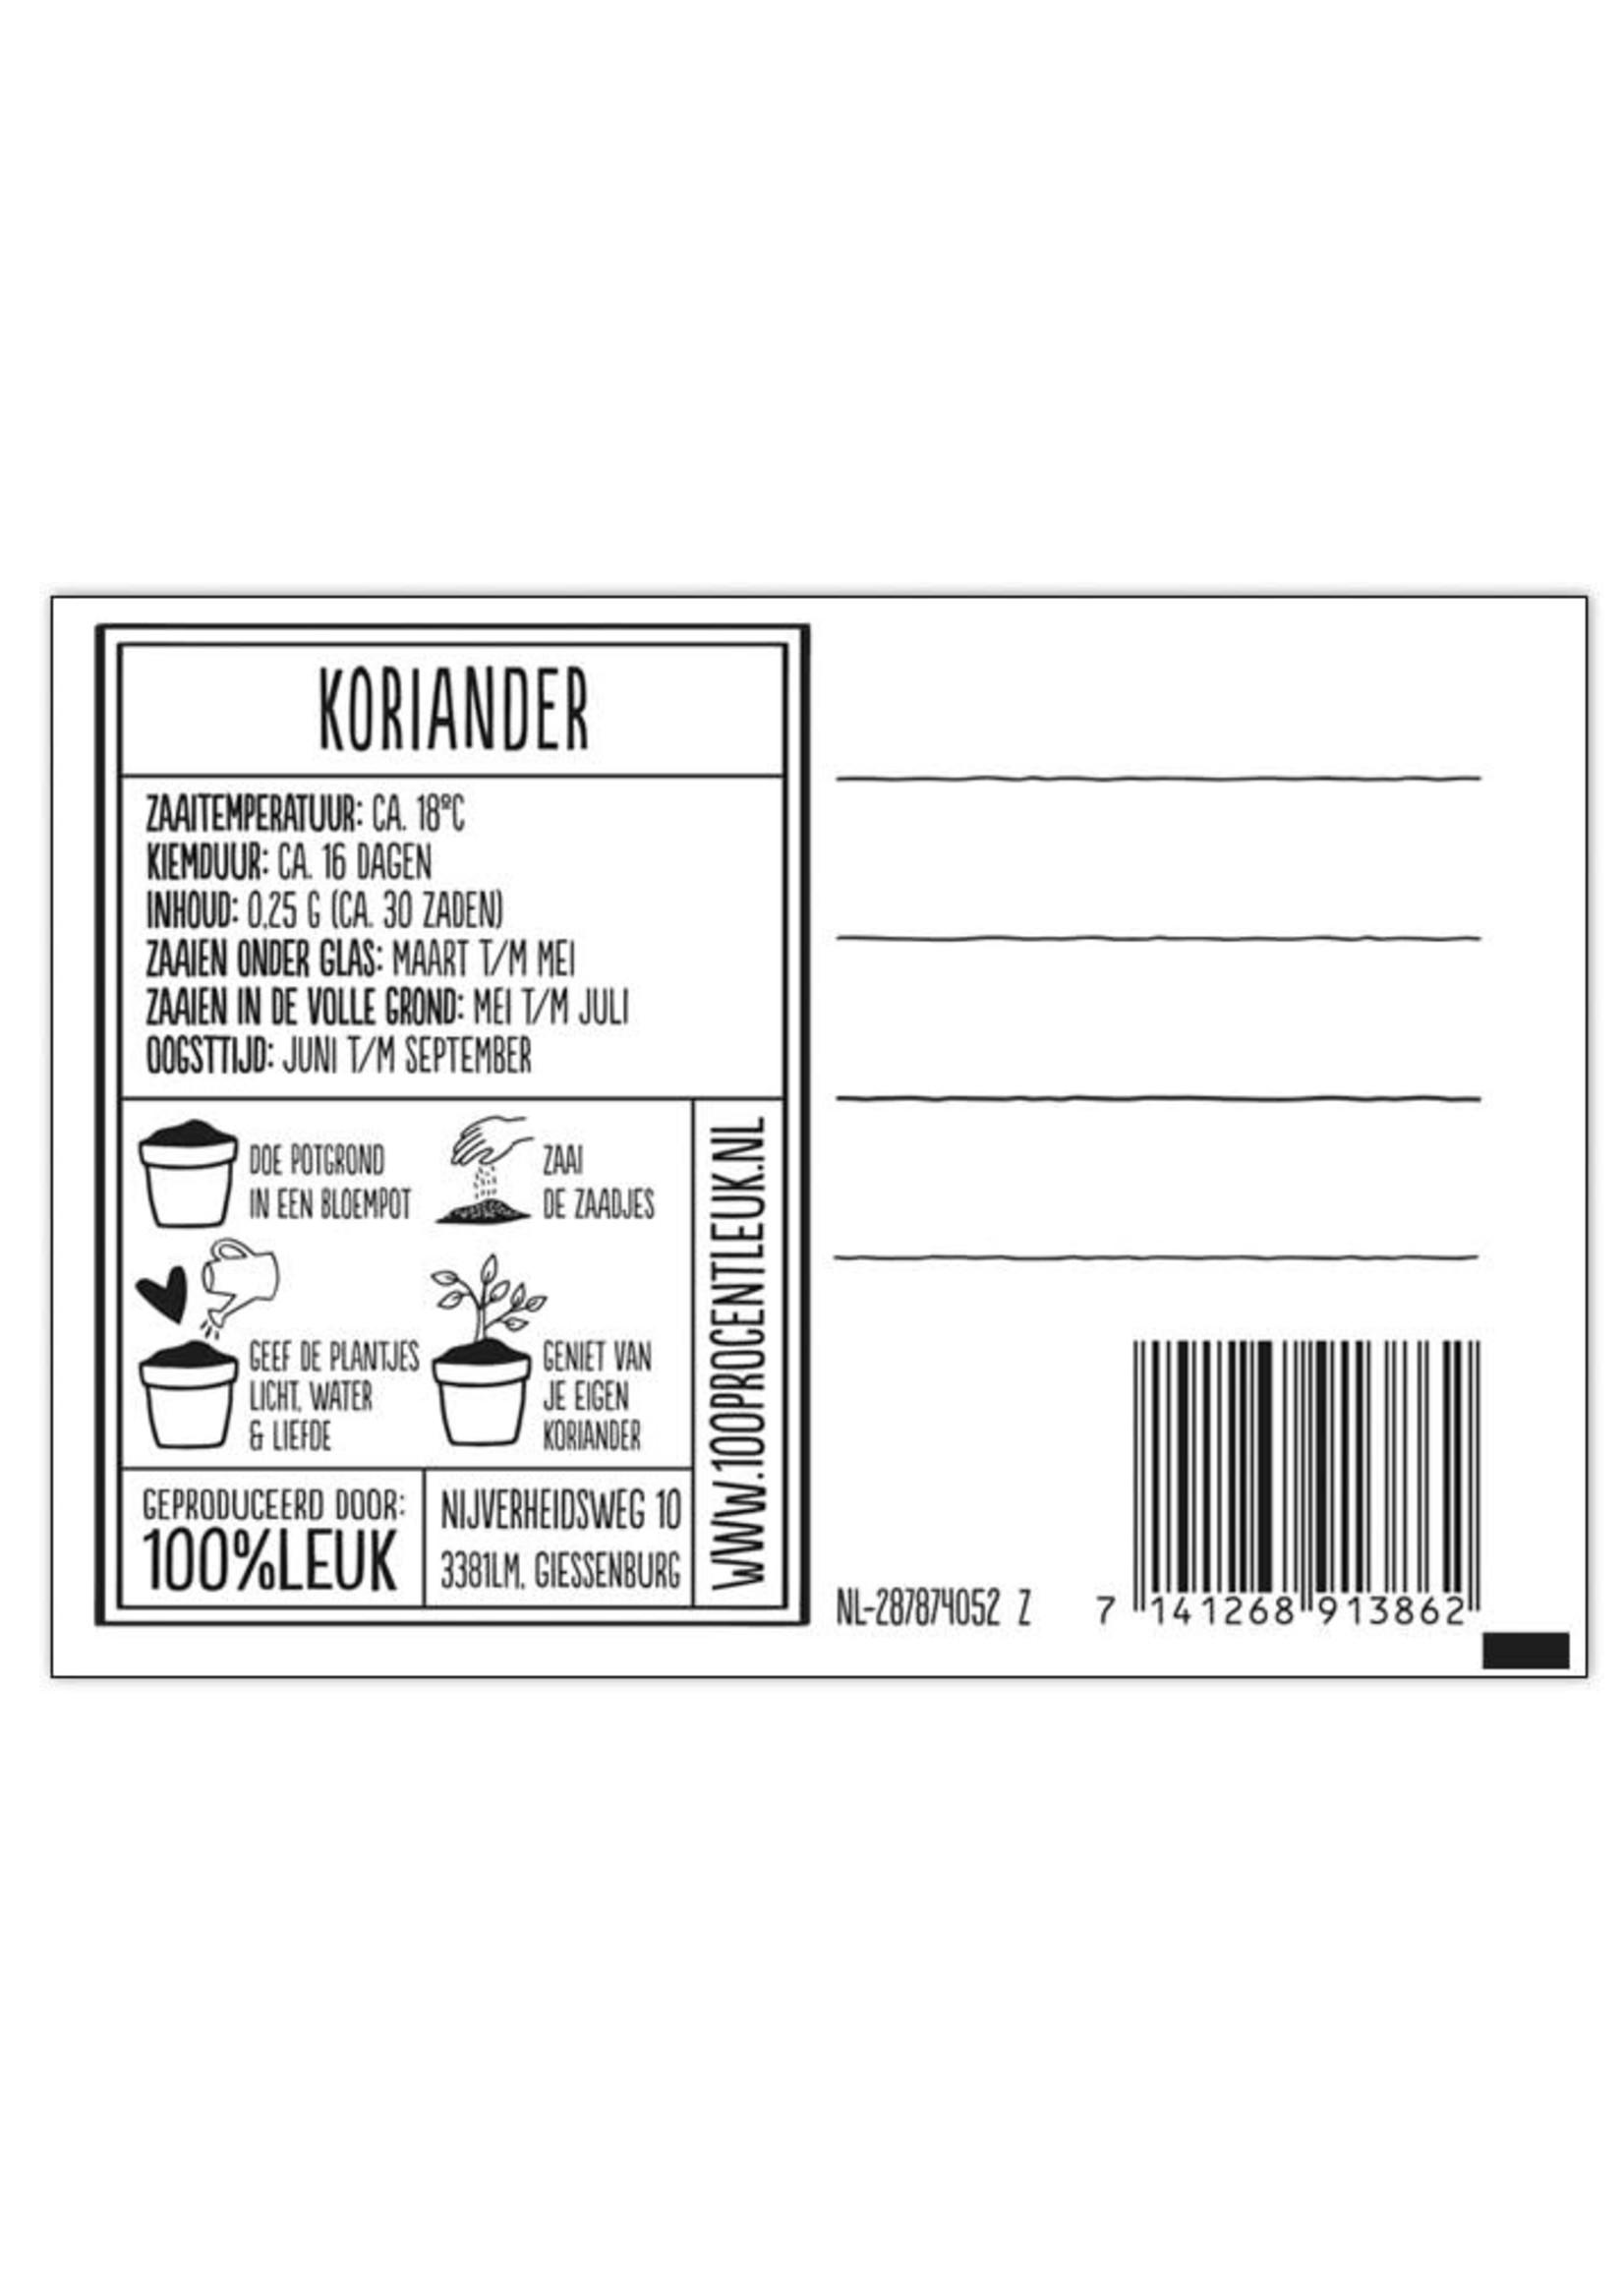 100%LEUK 100%LEUK - kruidenlijn - Koriander